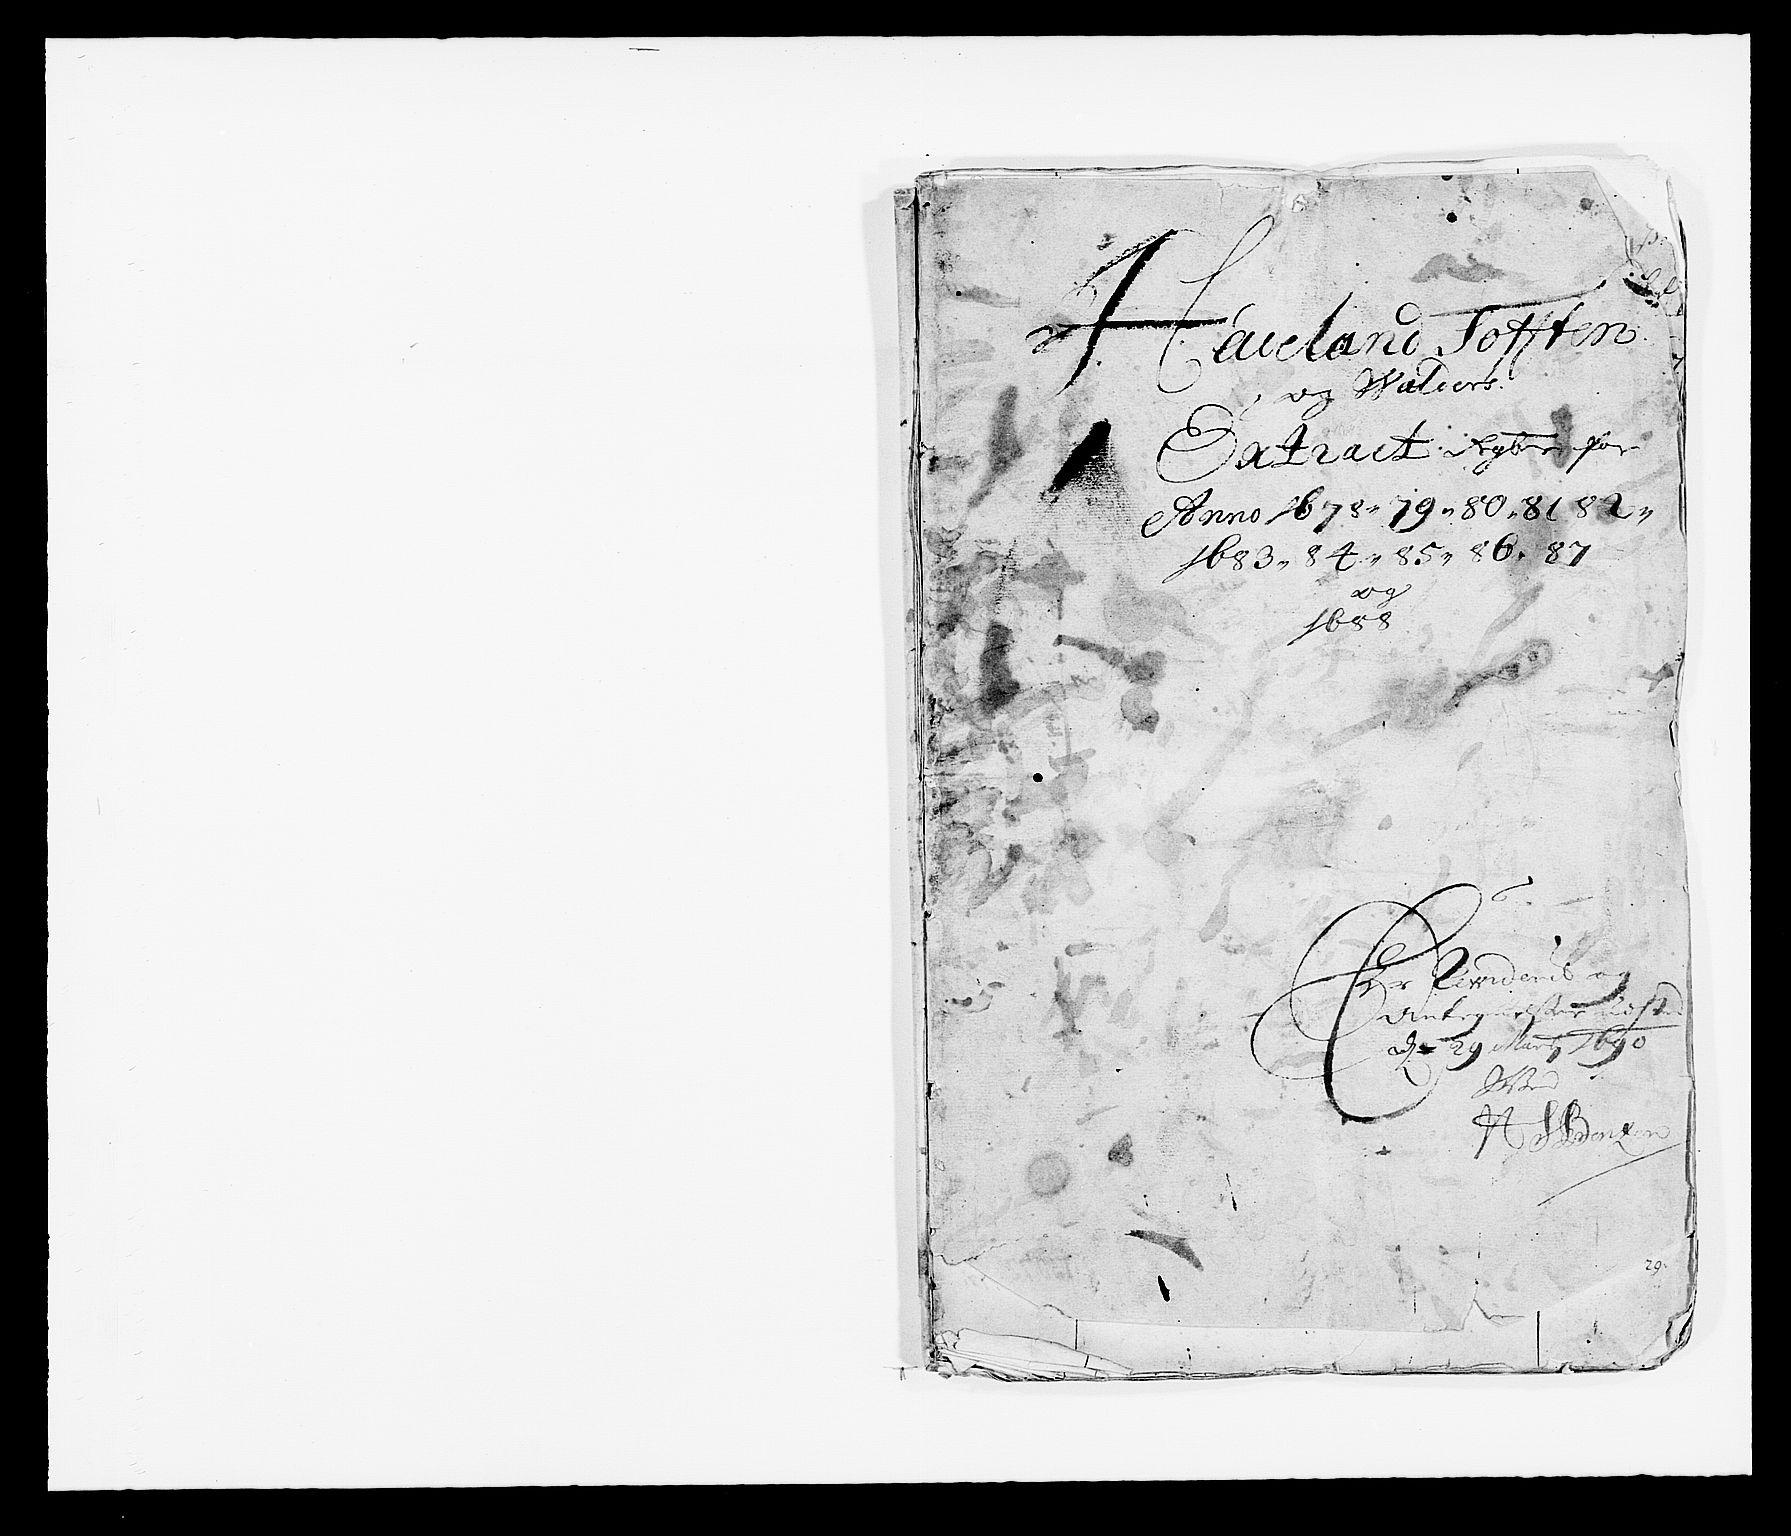 RA, Rentekammeret inntil 1814, Reviderte regnskaper, Fogderegnskap, R18/L1287: Fogderegnskap Hadeland, Toten og Valdres, 1688, s. 2